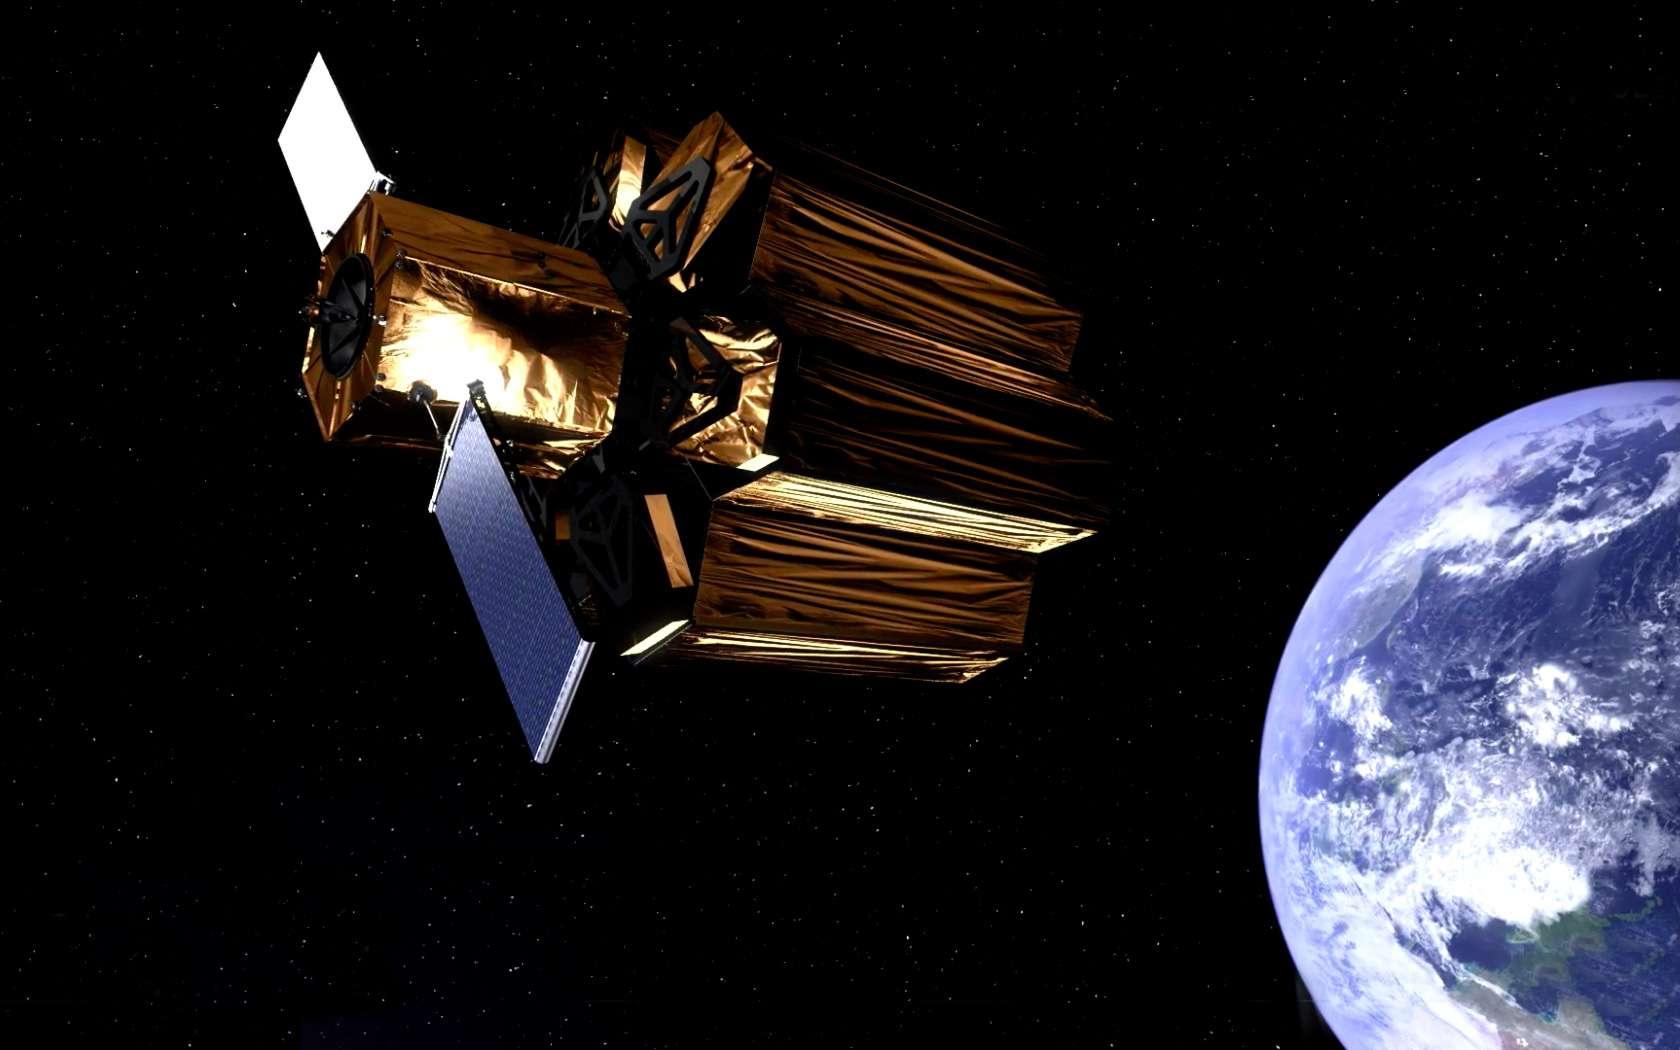 Véritable laboratoire d'innovation, le concept de satellite d'observation de la Terre en géostationnaire de Thales Alenia Space permet de développer des technologies qui seront utiles bien au-delà de ce concept. © Thales Alenia Space